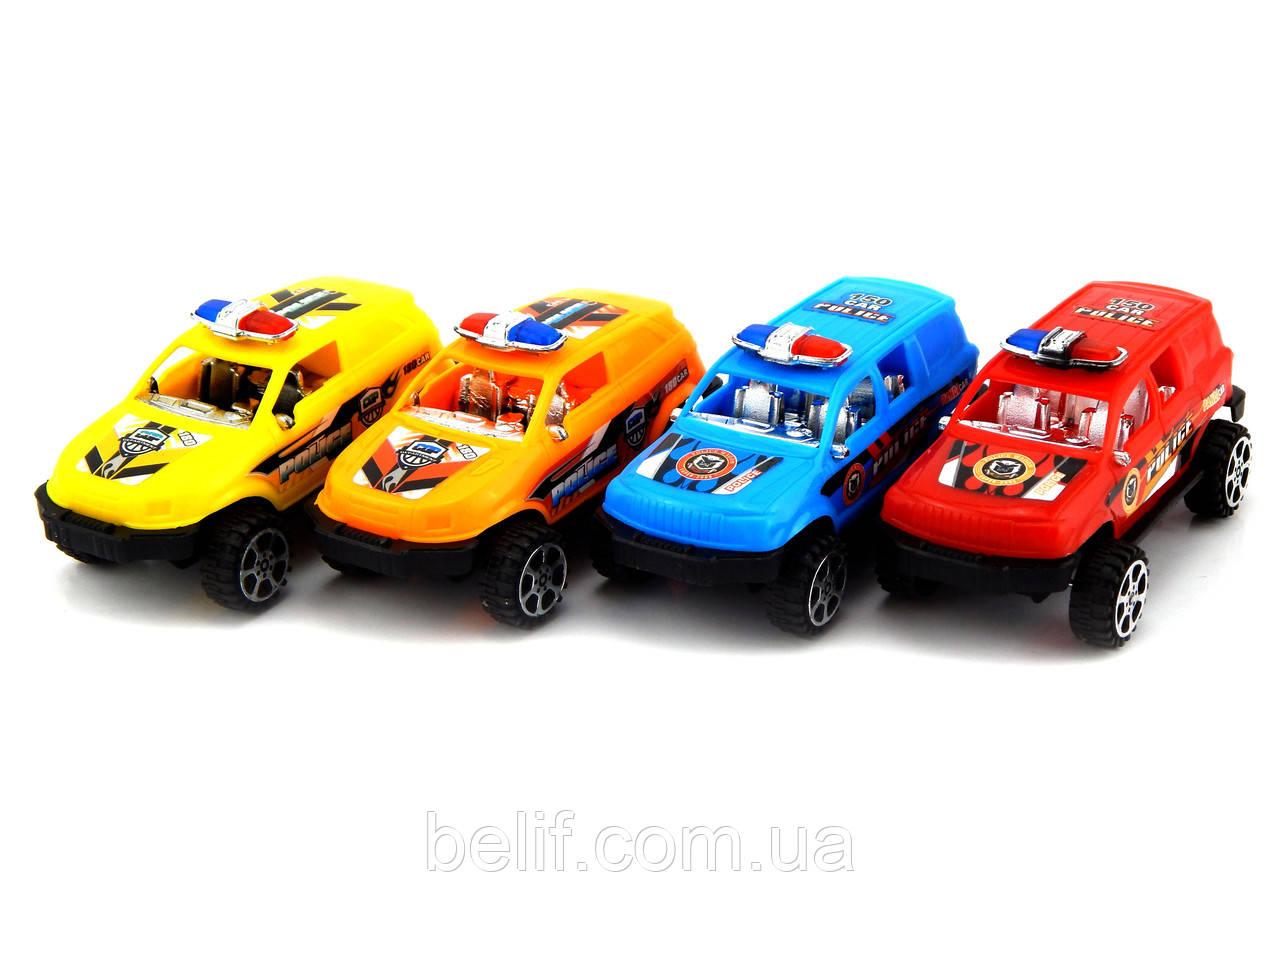 Машинка 930-30-32 інерц.4 види,кул,6-10,5-5см